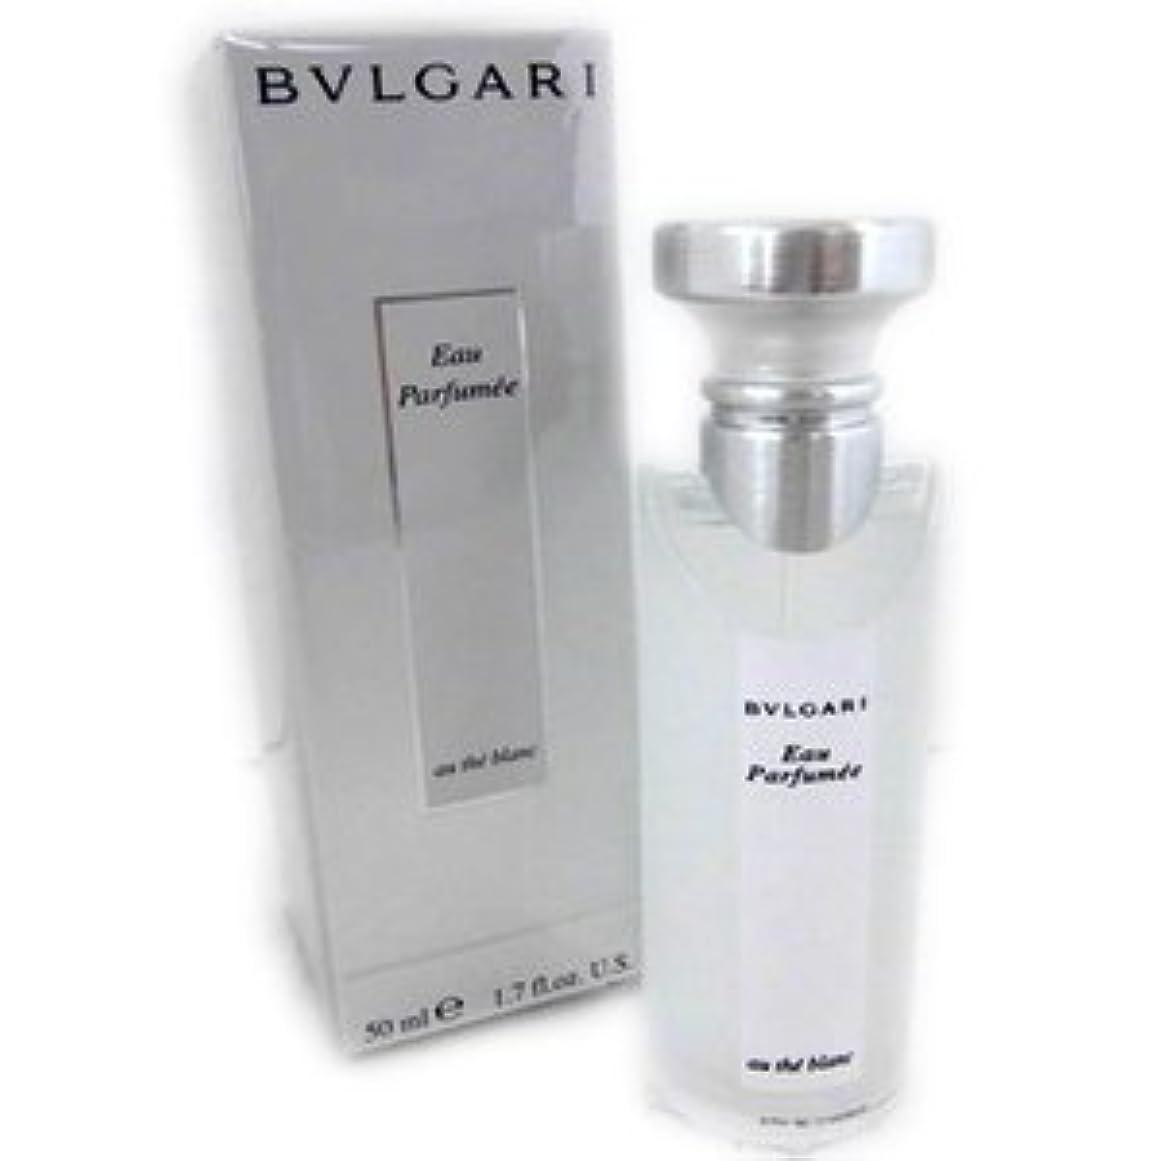 近代化相互森ブルガリ BVLGARI 香水 オパフメ オーテブラン オーデコロン スプレー EDC SP 50ml オーデブラン [レディース]